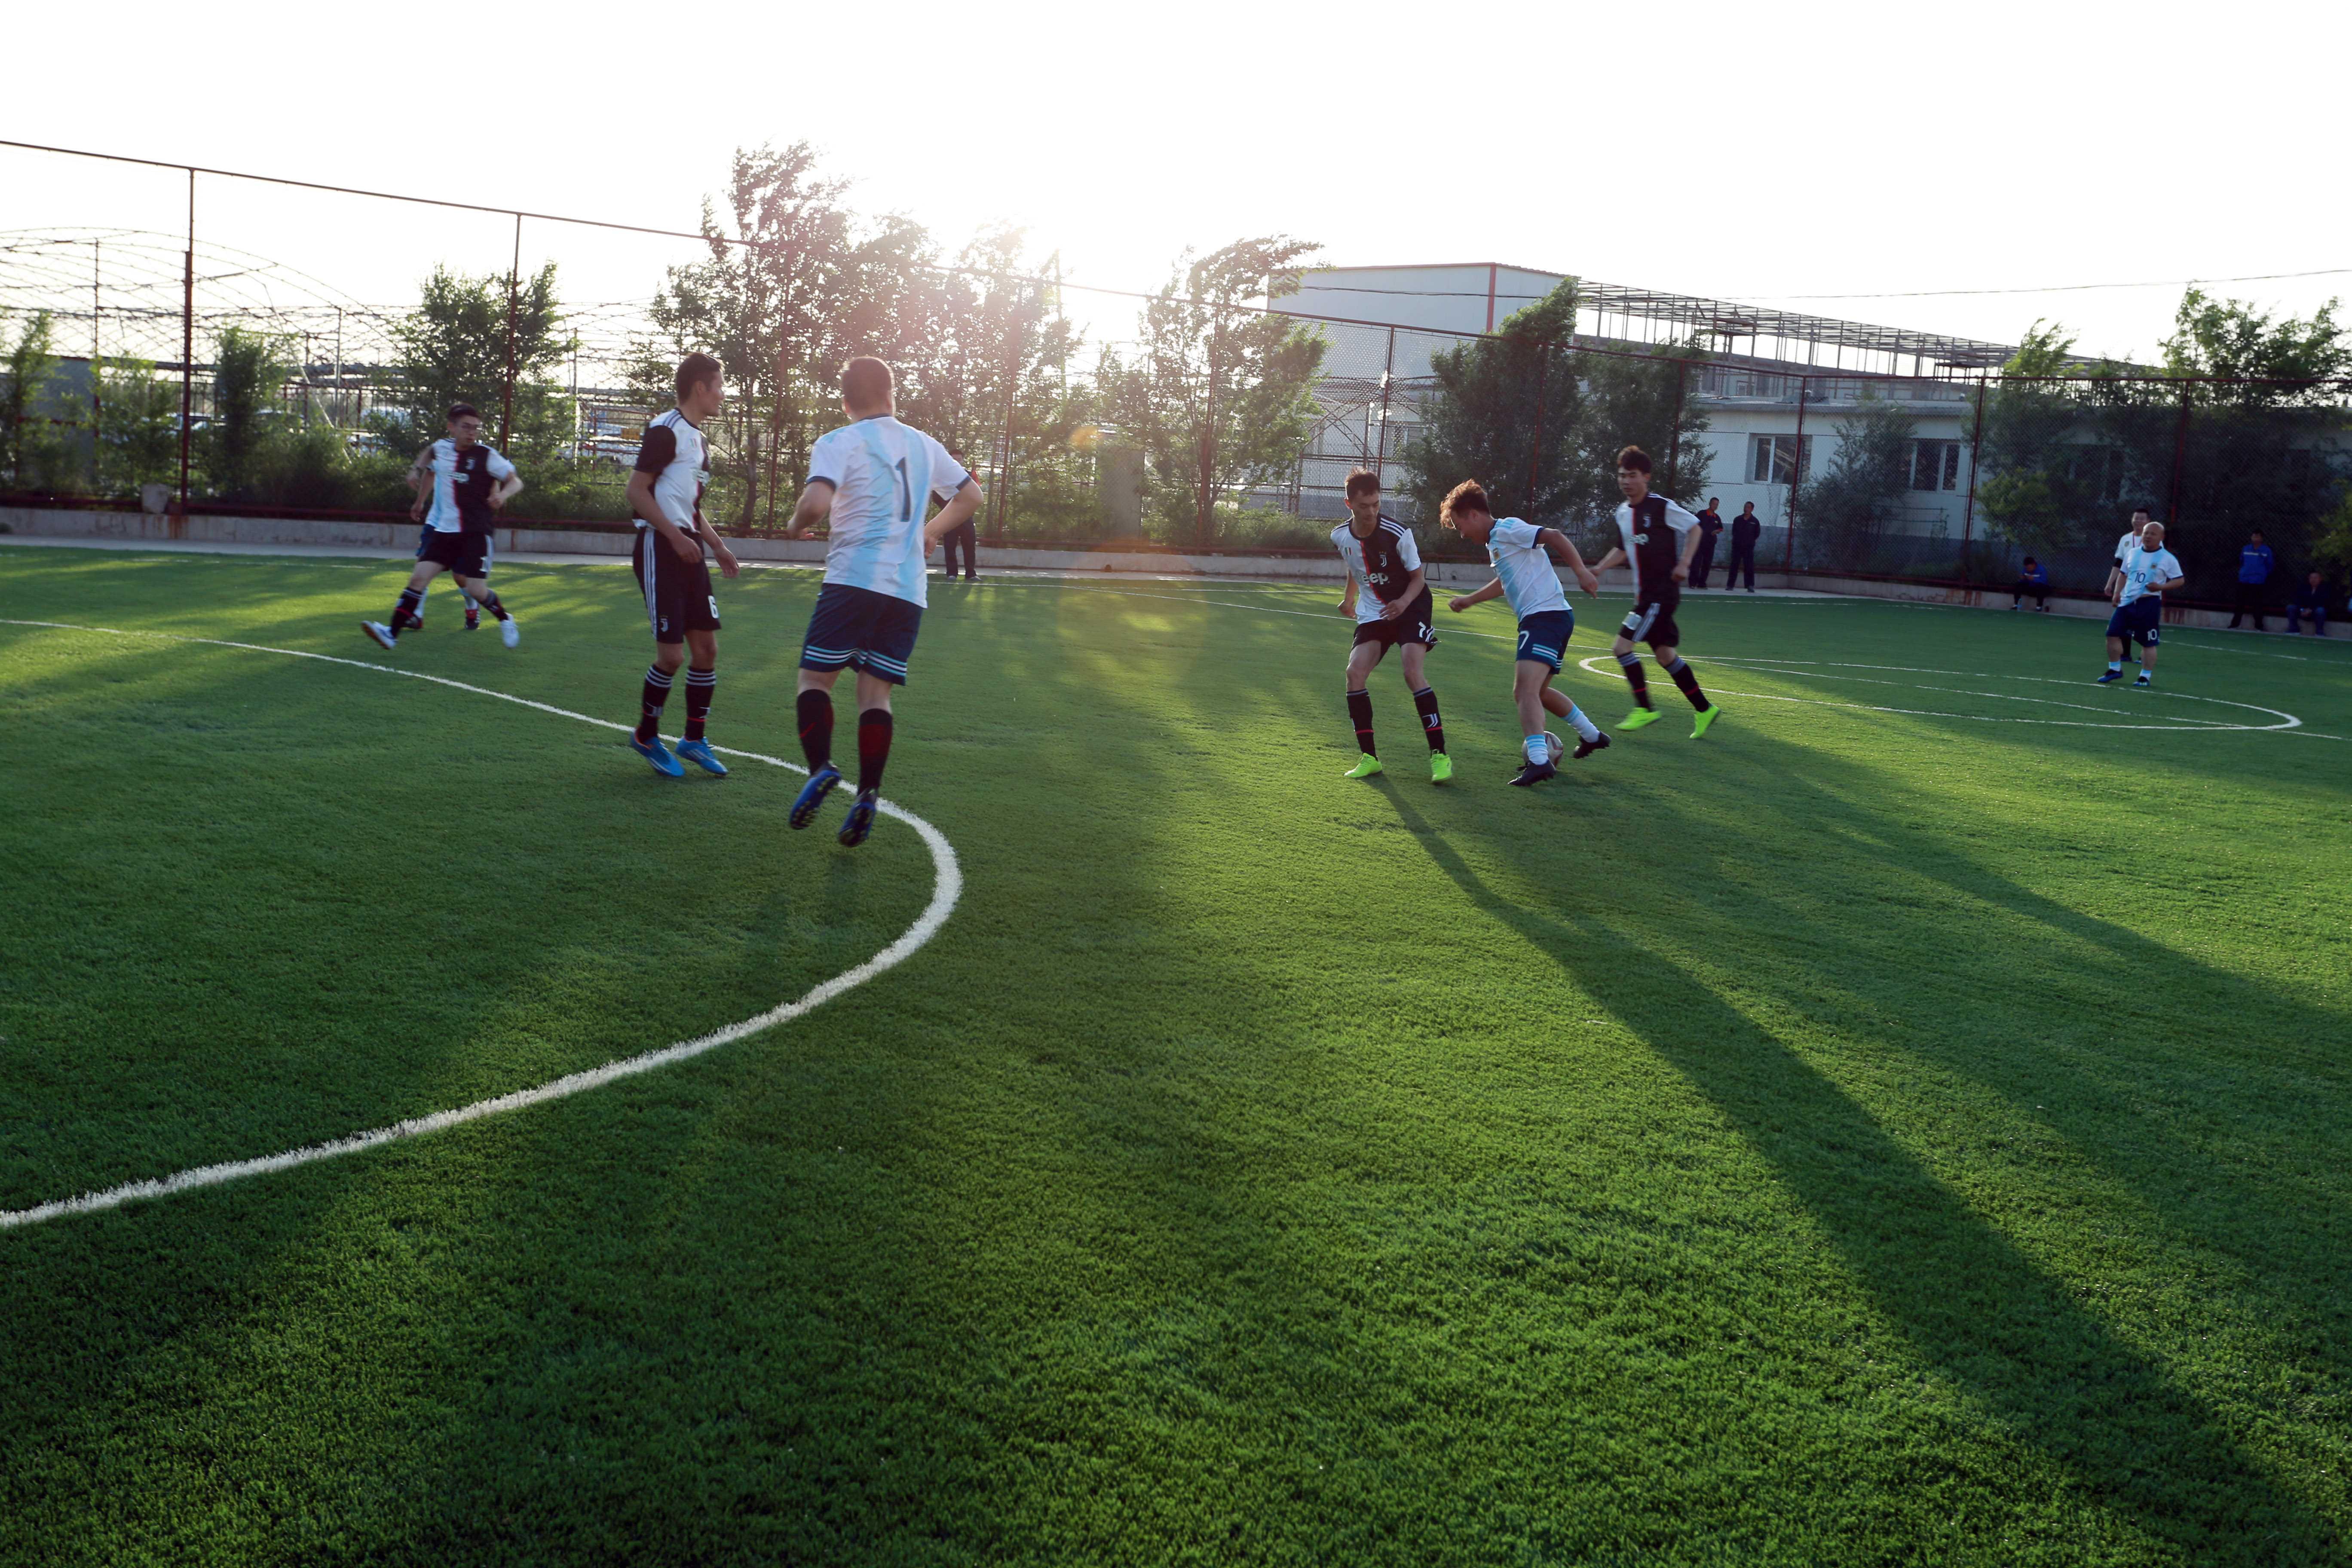 足球赛照片-3.1